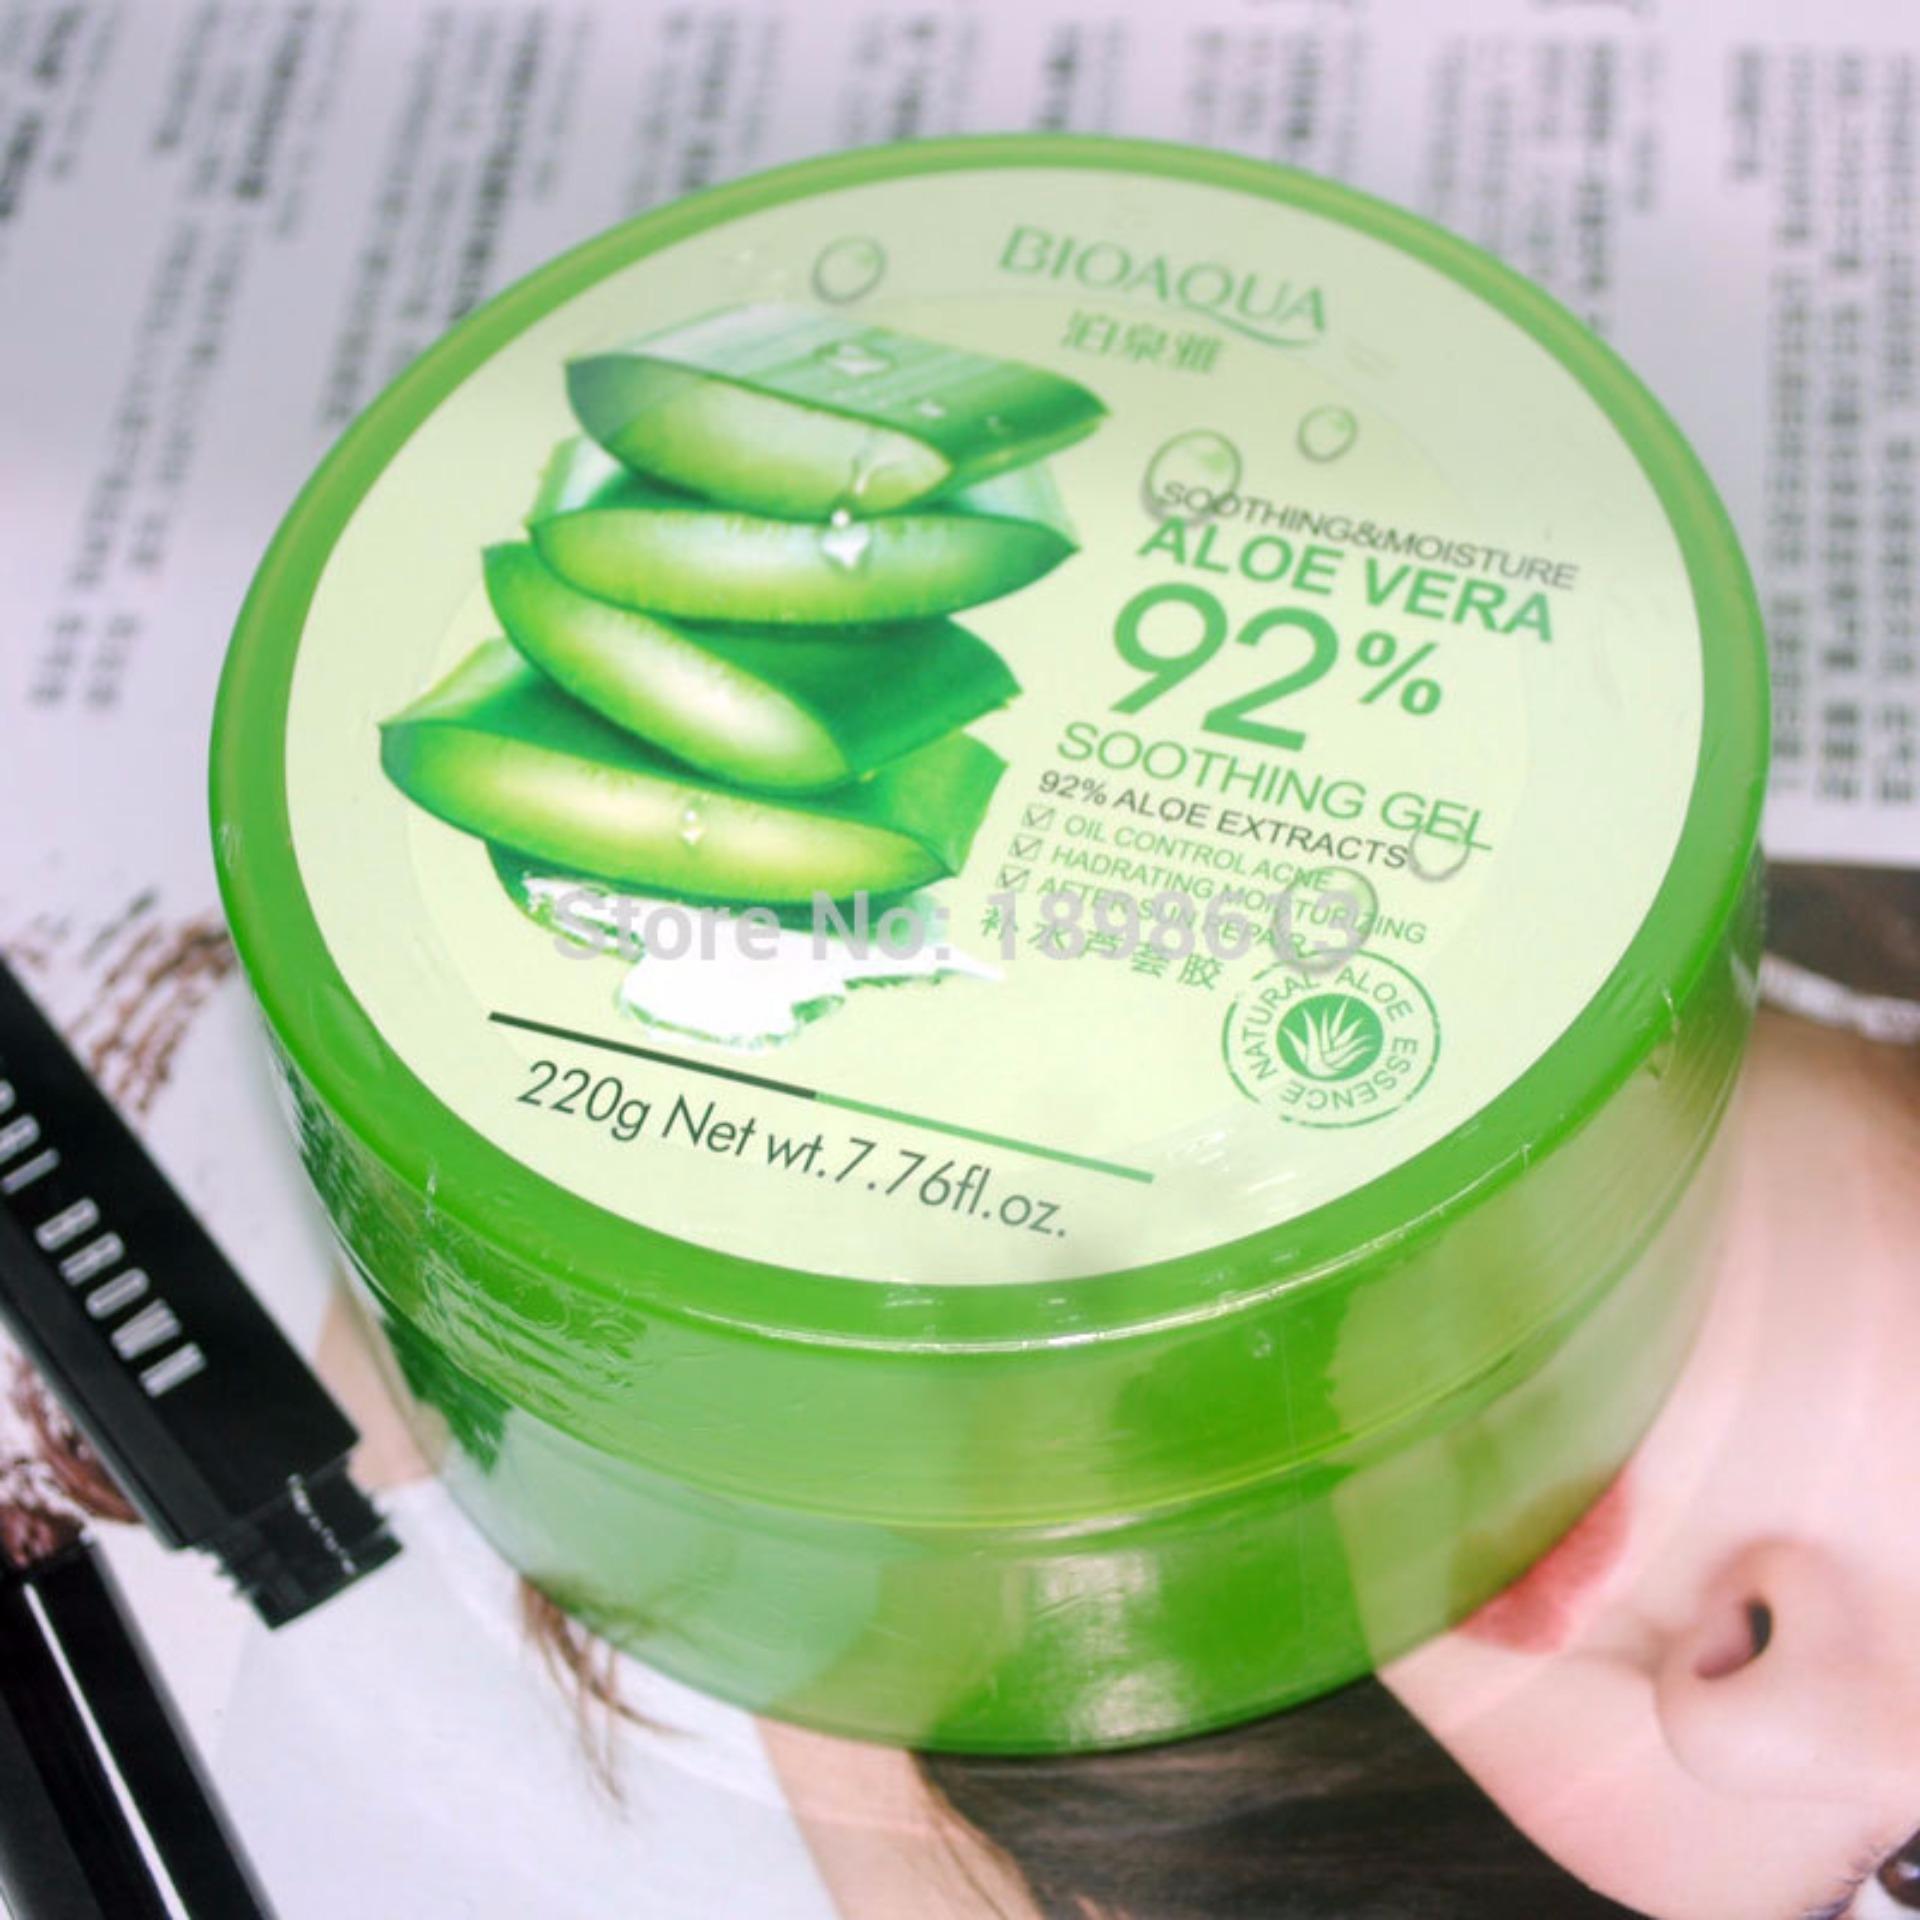 Philippines Bioaqua Soothing Moisturizing Aloe Vera 92 Gel Original